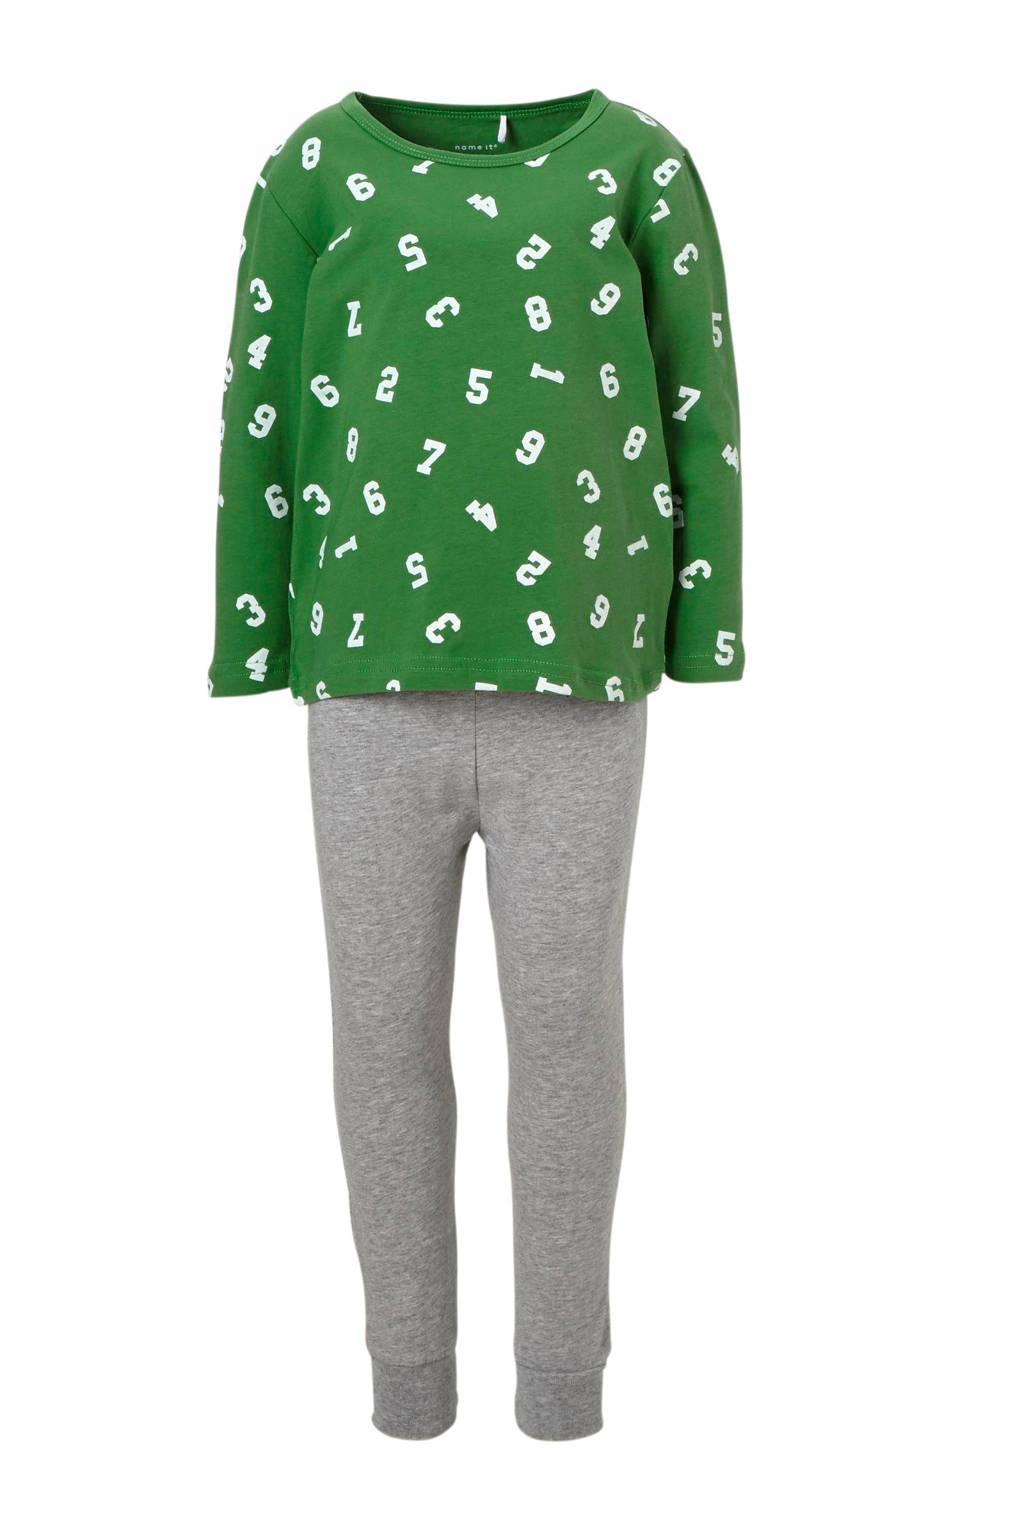 NAME IT MINI   pyjama met cijfers, Groen/ grijs melange